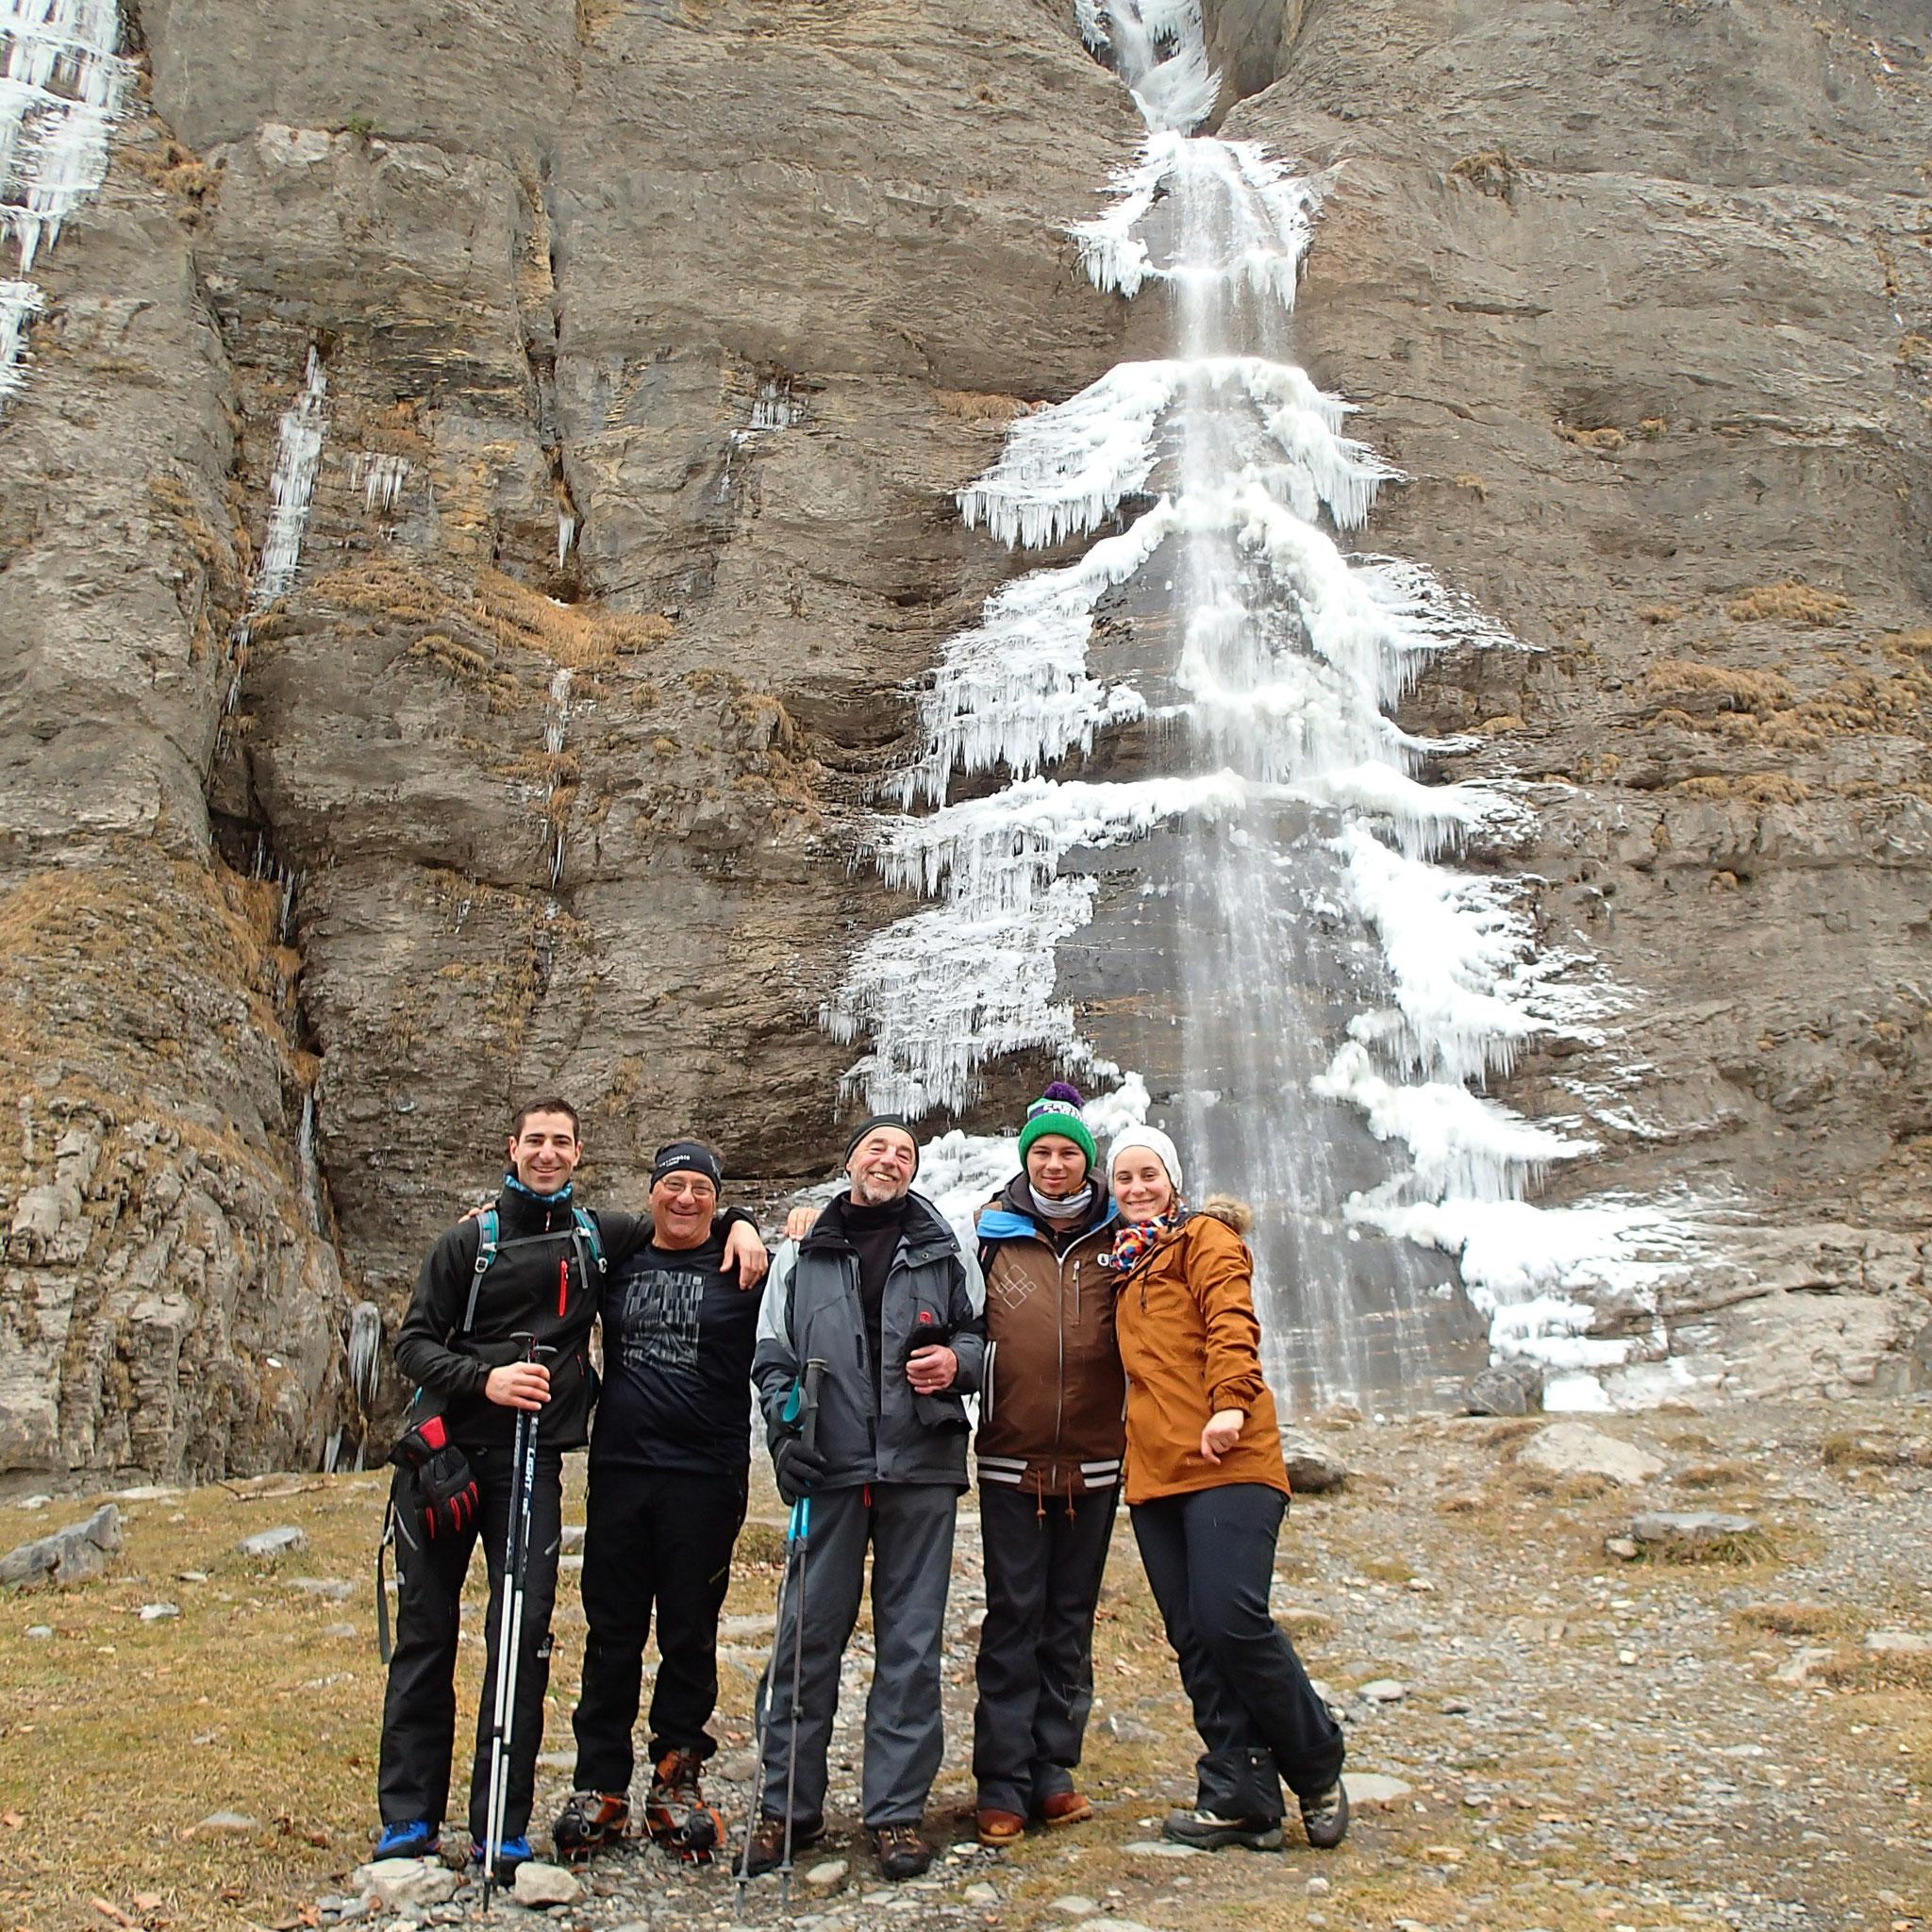 Photo obligatoire avec cascade et draperies